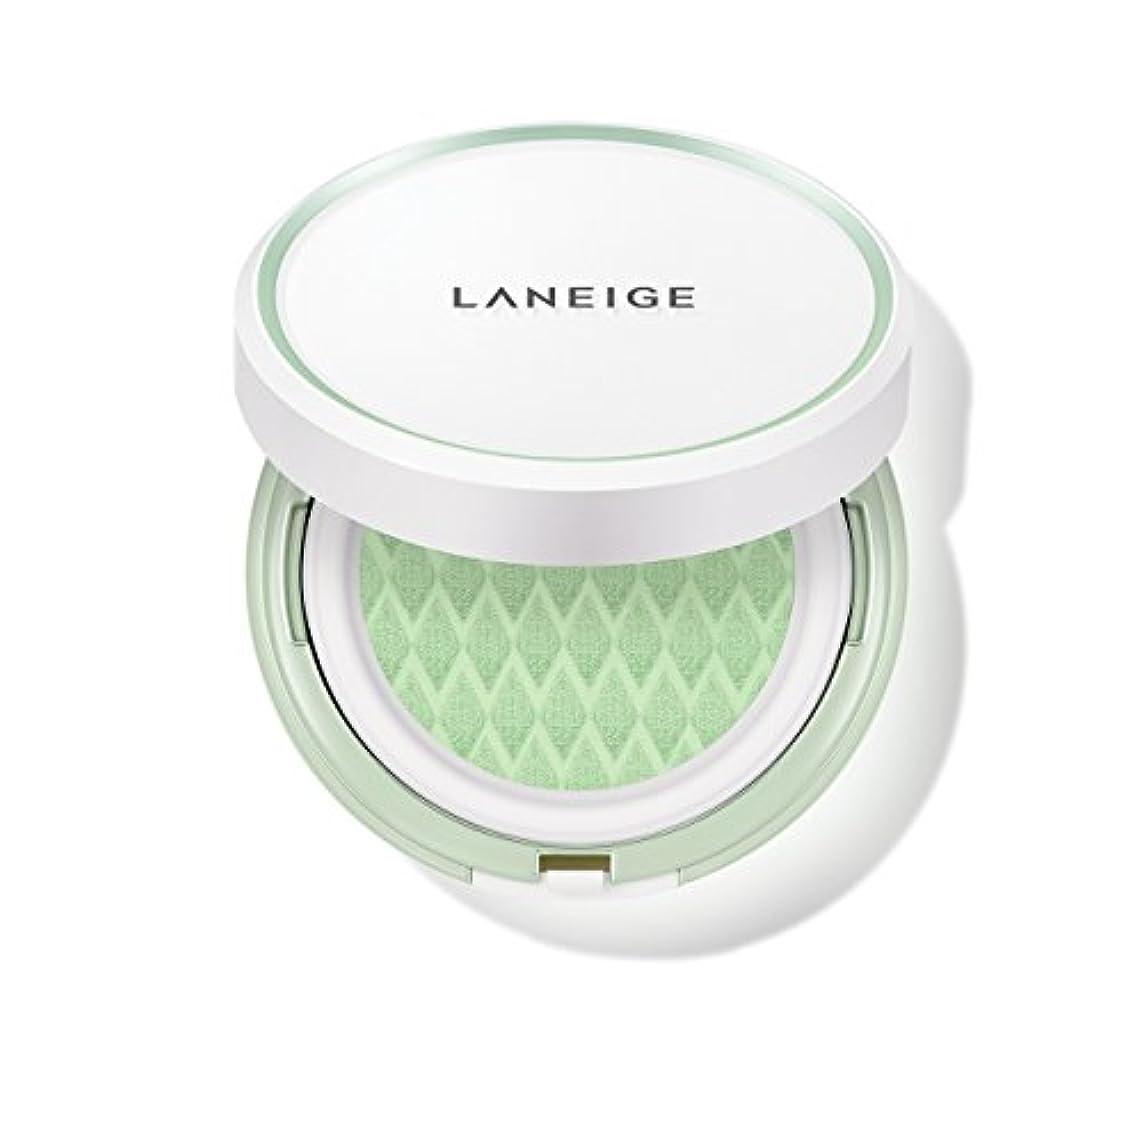 アッパーマイクロプロセッサ宿泊施設ラネージュ[LANEIGE]*AMOREPACIFIC*[新商品]スキンベなベースクッションSPF 22PA++(#60 Light Green) 15g*2 / LANEIGE Skin Veil Base Cushion...